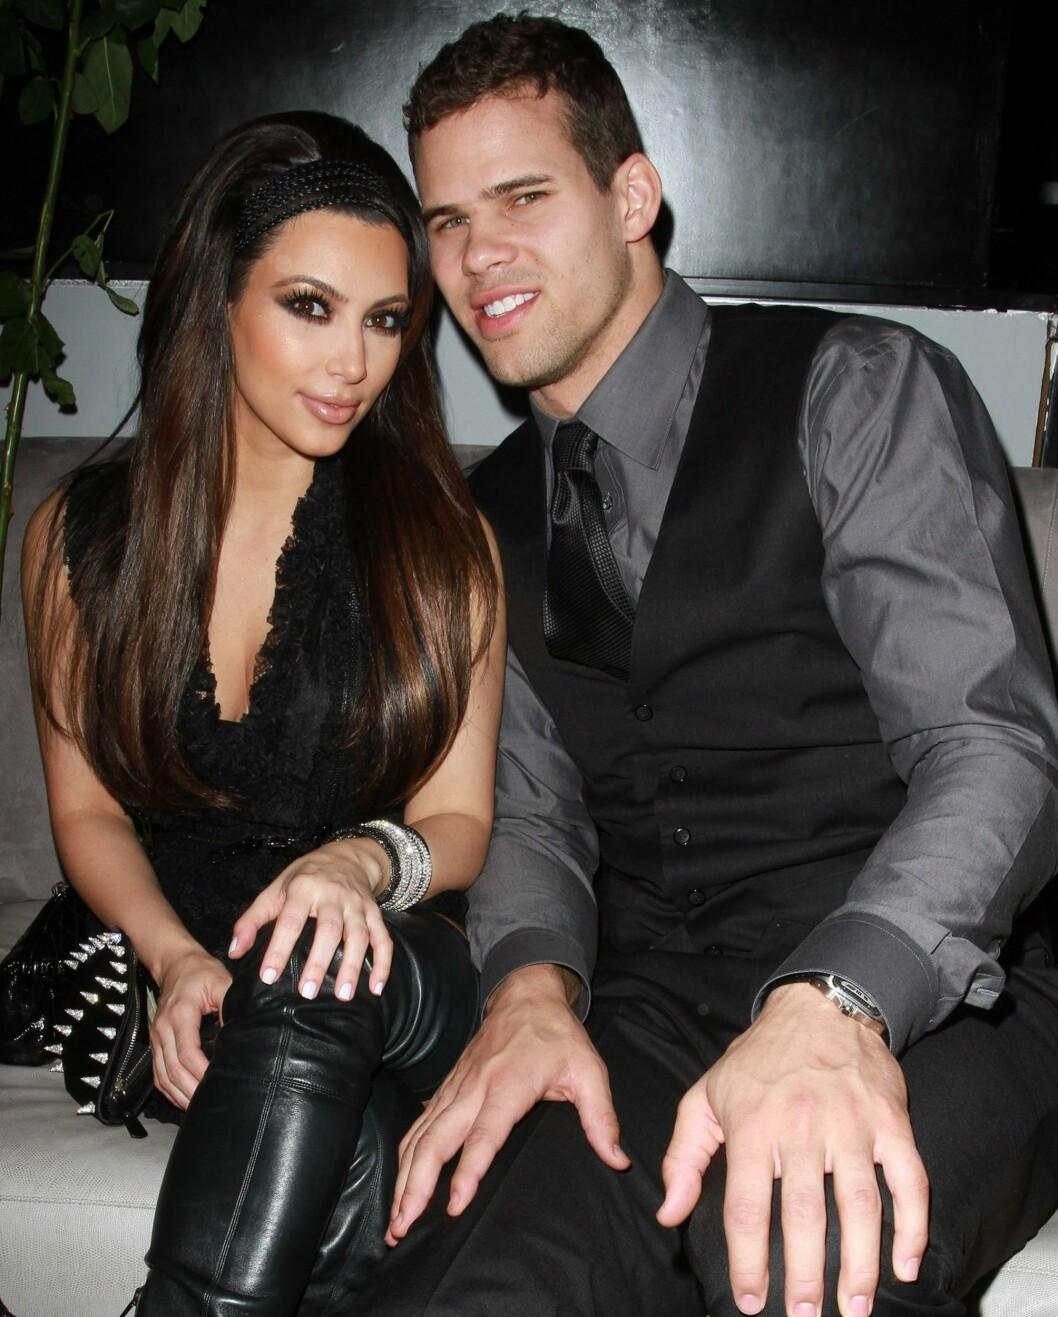 FALSK EKTESKAP: Flere kilder nær Kim Kardashian hevder hun kun giftet seg med Kris Humphries for å tjene penger og gjøre TV-serien mer populær. Kim selv har benektet påstandene. Paret var offisielt gift fra 2011 til 2013, men bruddet var et faktum kun 72 dager etter bryllupet.  Foto: wenn.com